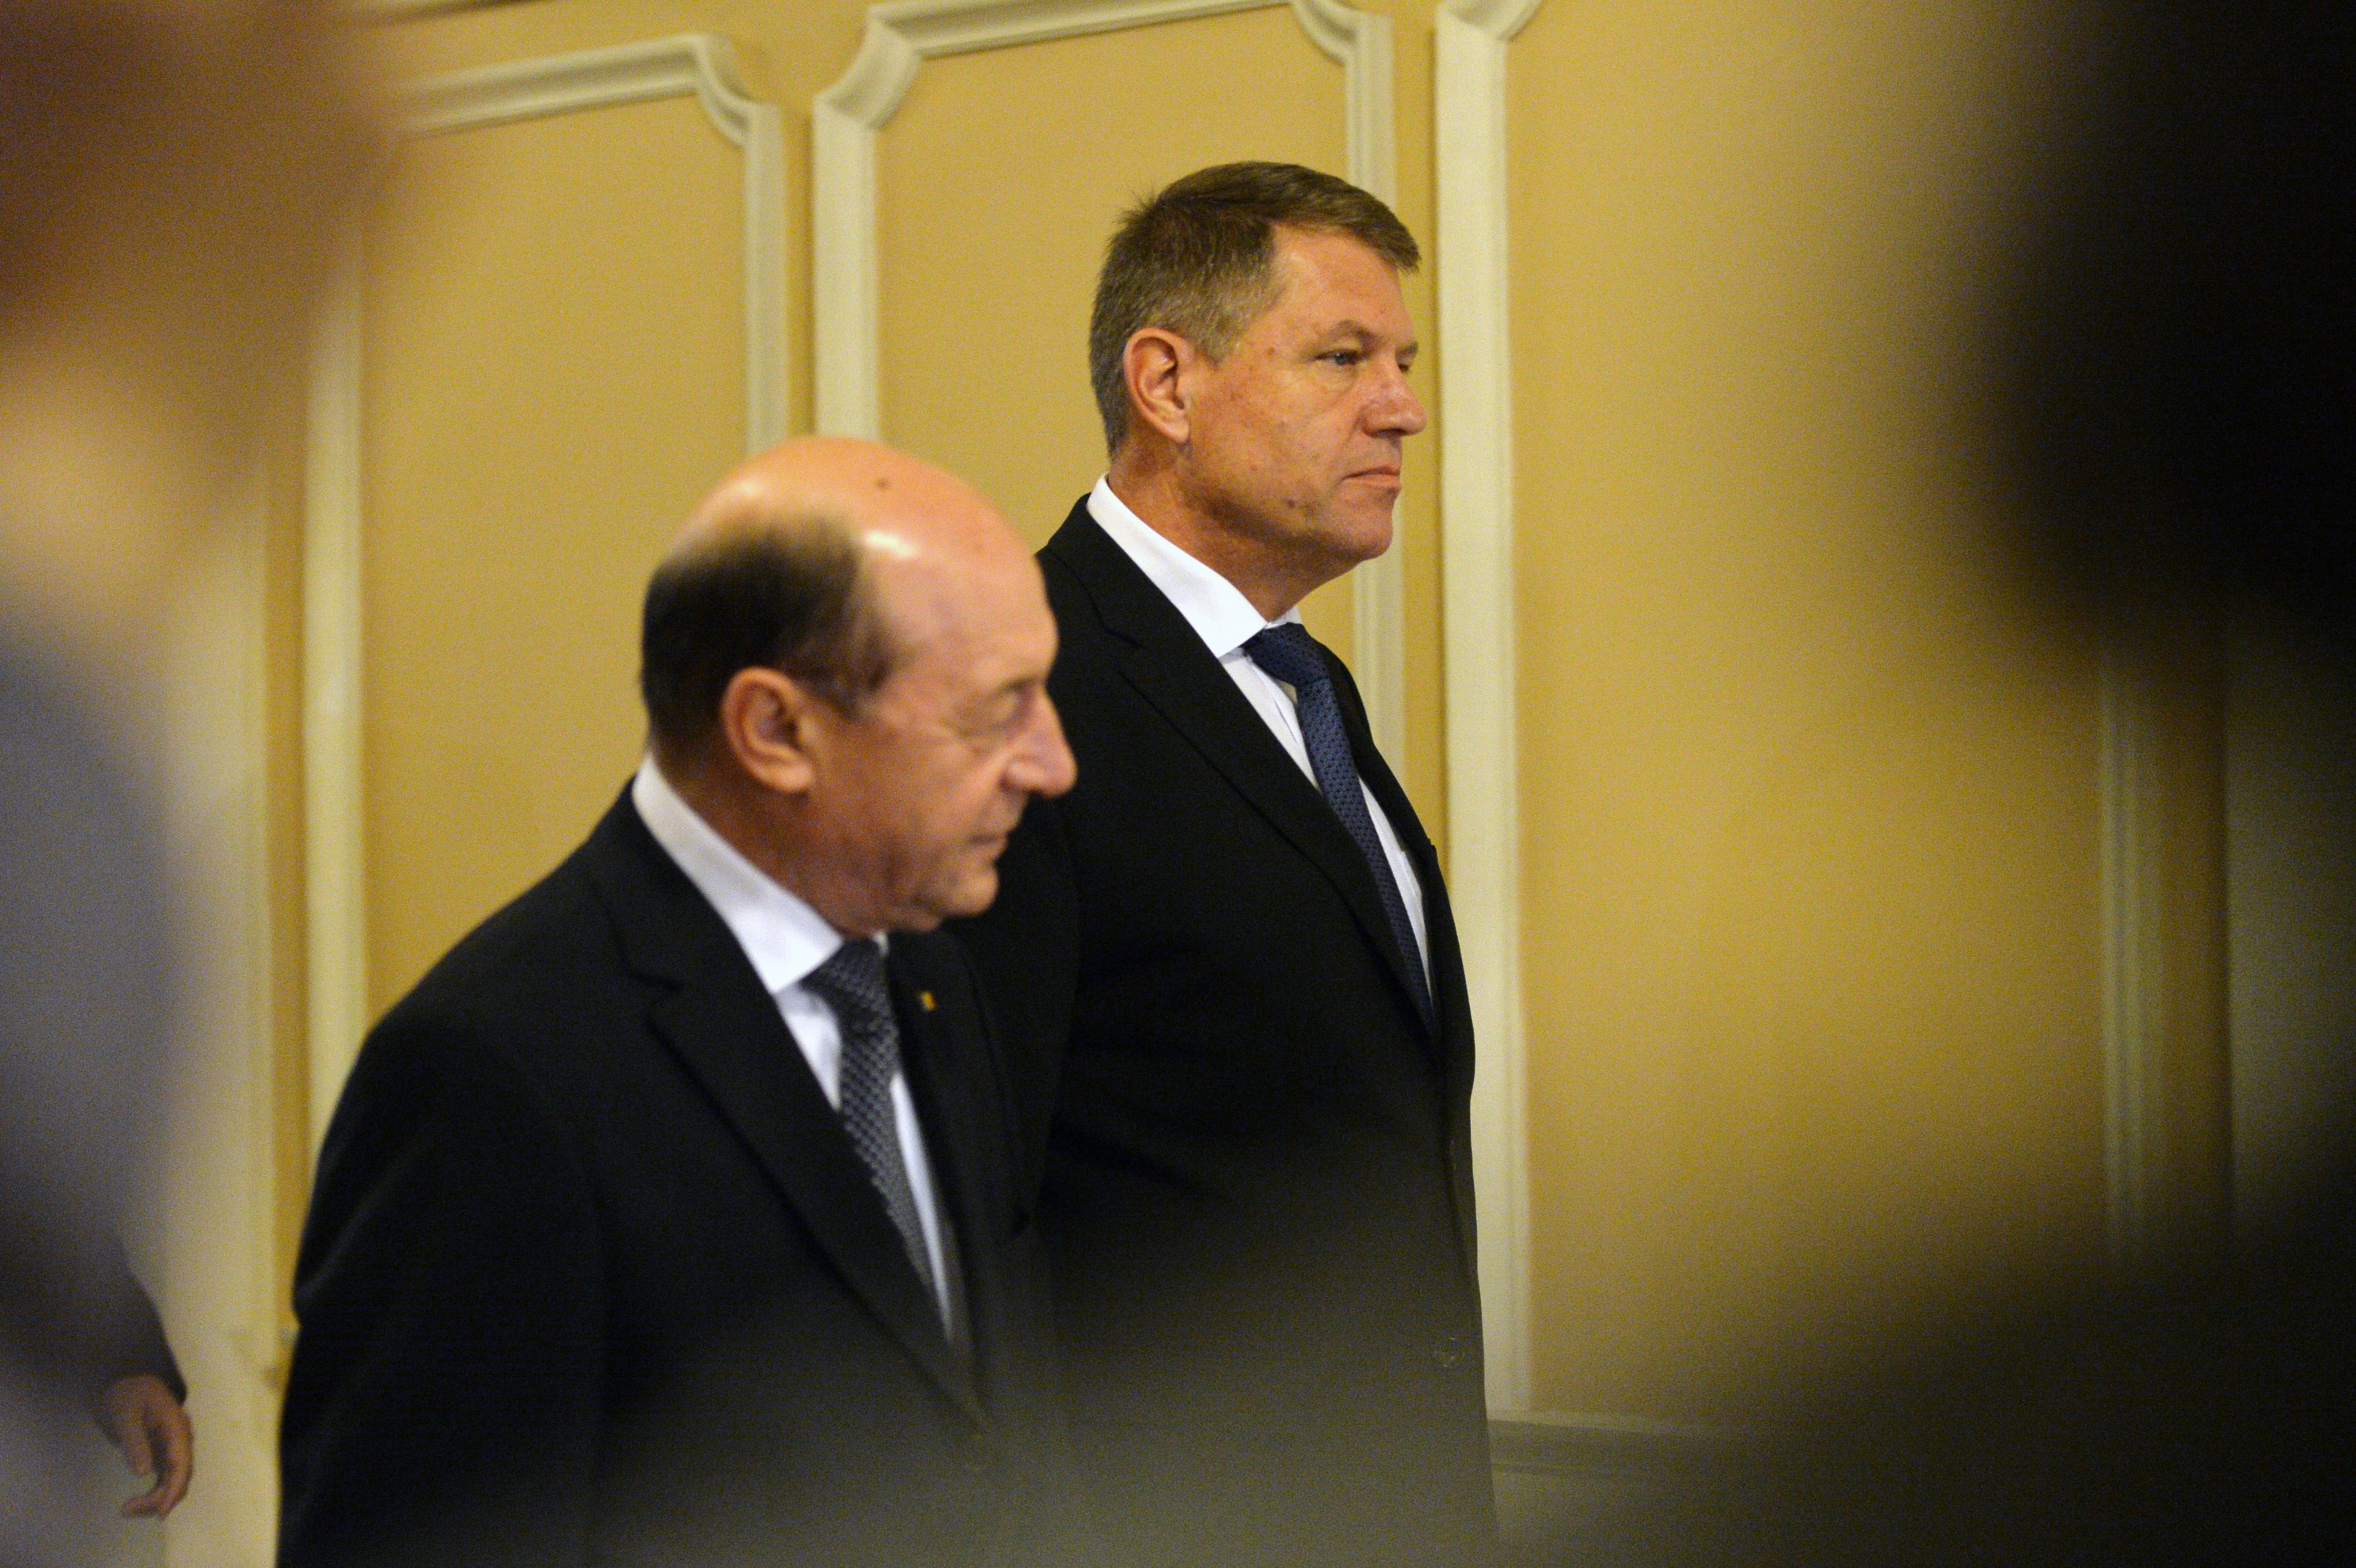 LOVITURA IN PLIN pentru Basescu. Anuntul a fost facut chiar acum. ,,Aceasta a fost intelegerea